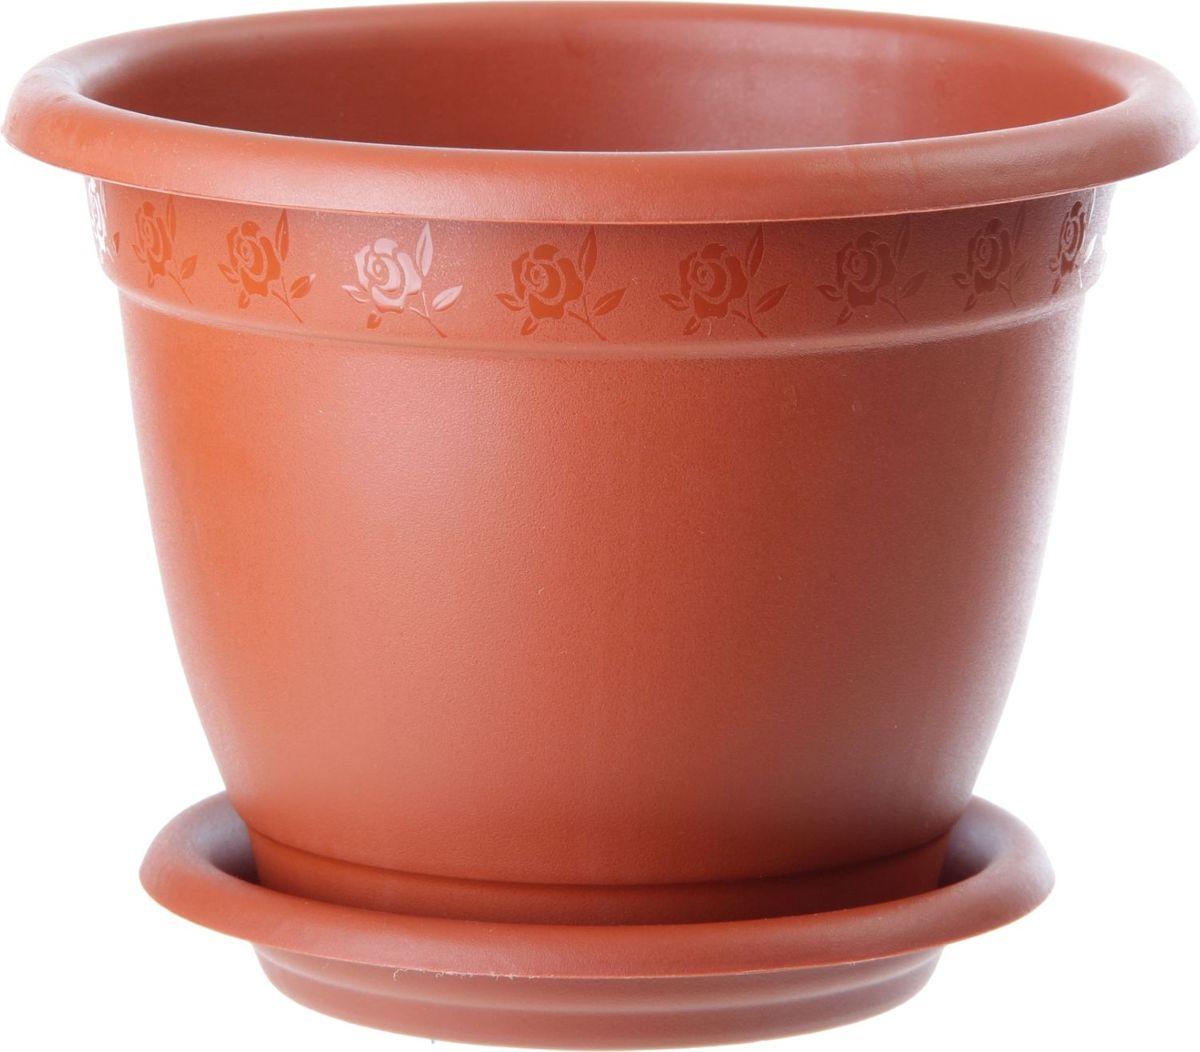 Горшок для цветов InGreen Борнео, с поддоном, цвет: терракотовый, диаметр 14 смING42014FТРЛюбой, даже самый современный и продуманный интерьер будет не завершенным без растений. Они не только очищают воздух и насыщают его кислородом, но и заметно украшают окружающее пространство. Такому полезному члену семьи просто необходимо красивое и функциональное кашпо, оригинальный горшок или необычная ваза! Мы предлагаем - Горшок для цветов с поддоном, d=14 см Борнео 1,5 л, цвет терракотовый! Оптимальный выбор материала - это пластмасса! Почему мы так считаем? Малый вес. С легкостью переносите горшки и кашпо с места на место, ставьте их на столики или полки, подвешивайте под потолок, не беспокоясь о нагрузке. Простота ухода. Пластиковые изделия не нуждаются в специальных условиях хранения. Их легко чистить достаточно просто сполоснуть теплой водой. Никаких царапин. Пластиковые кашпо не царапают и не загрязняют поверхности, на которых стоят. Пластик дольше хранит влагу, а значит растение реже нуждается в поливе. Пластмасса не пропускает воздух корневой системе растения не грозят резкие перепады температур. Огромный выбор форм, декора и расцветок вы без труда подберете что-то, что идеально впишется в уже существующий интерьер. Соблюдая нехитрые правила ухода, вы можете заметно продлить срок службы горшков, вазонов и кашпо из пластика: всегда учитывайте размер кроны и корневой системы растения (при разрастании большое растение способно повредить маленький горшок) берегите изделие от воздействия прямых солнечных лучей, чтобы кашпо и горшки не выцветали держите кашпо и горшки из пластика подальше от нагревающихся поверхностей. Создавайте прекрасные цветочные композиции, выращивайте рассаду или необычные растения, а низкие цены позволят вам не ограничивать себя в выборе.